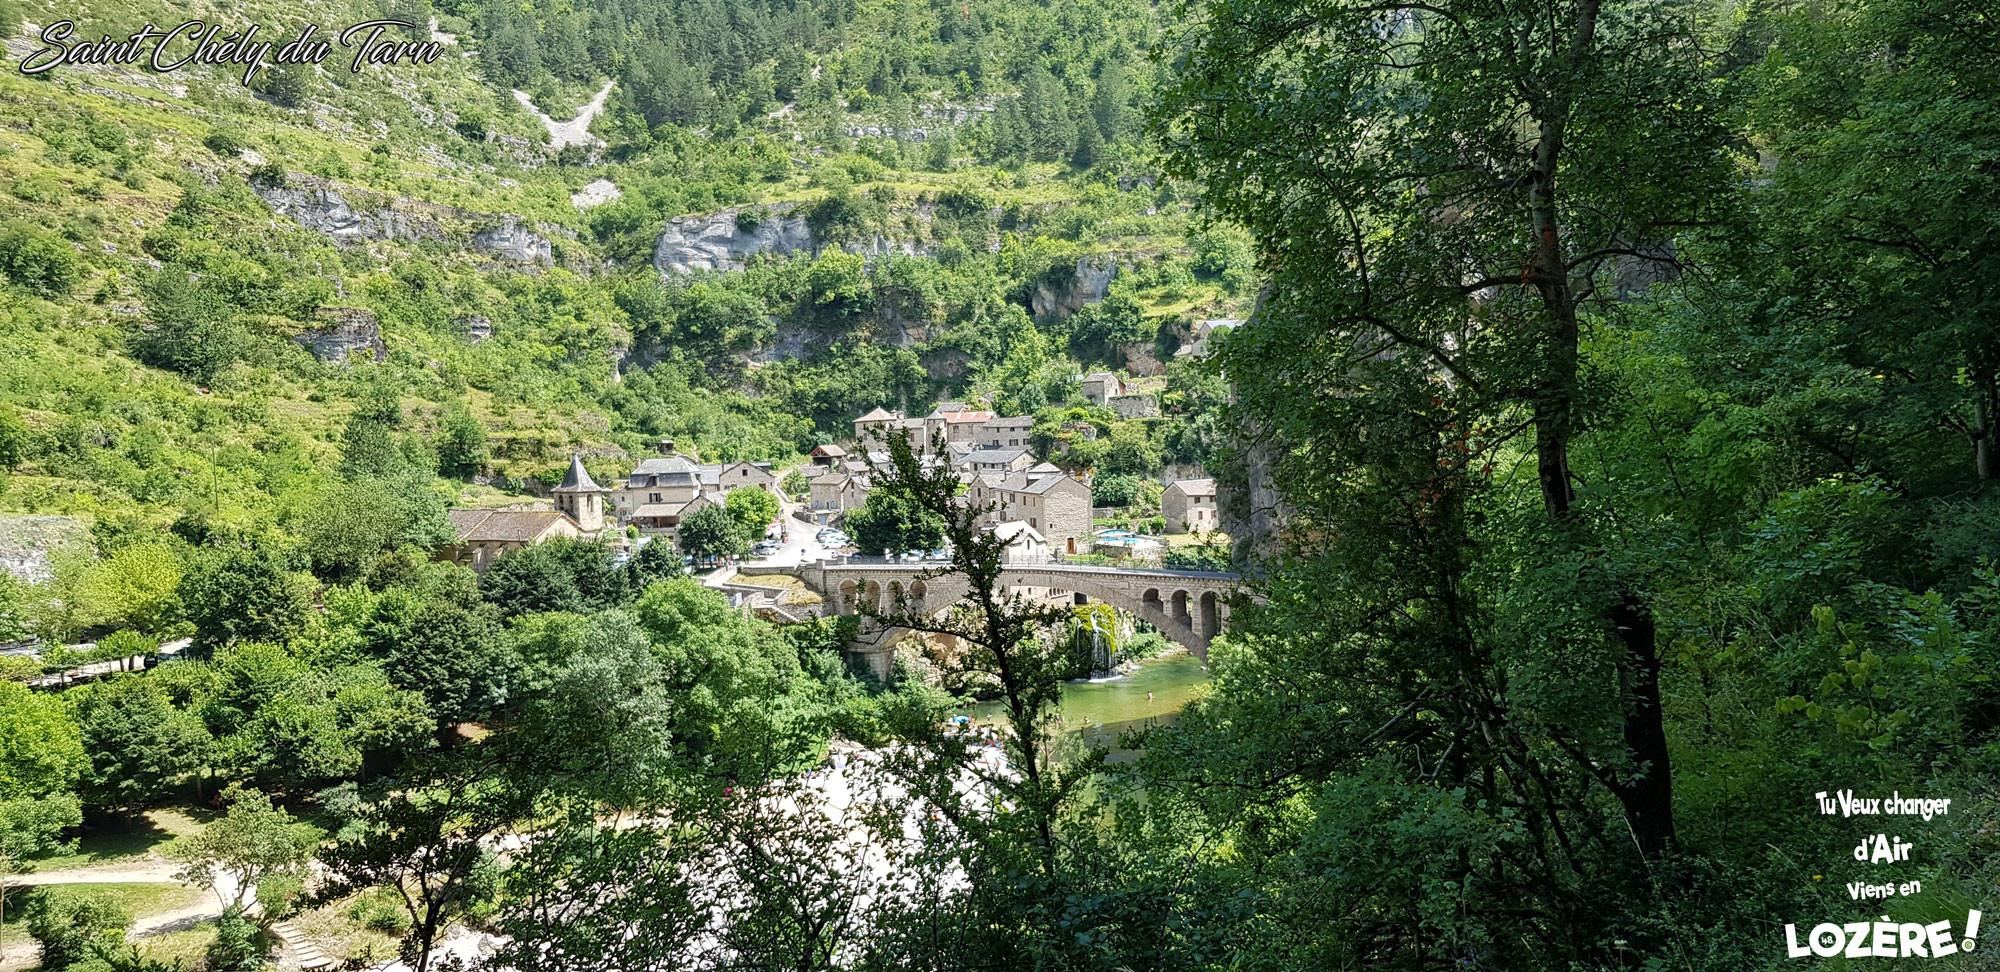 Saint-Chély-du-Tarn.jpg